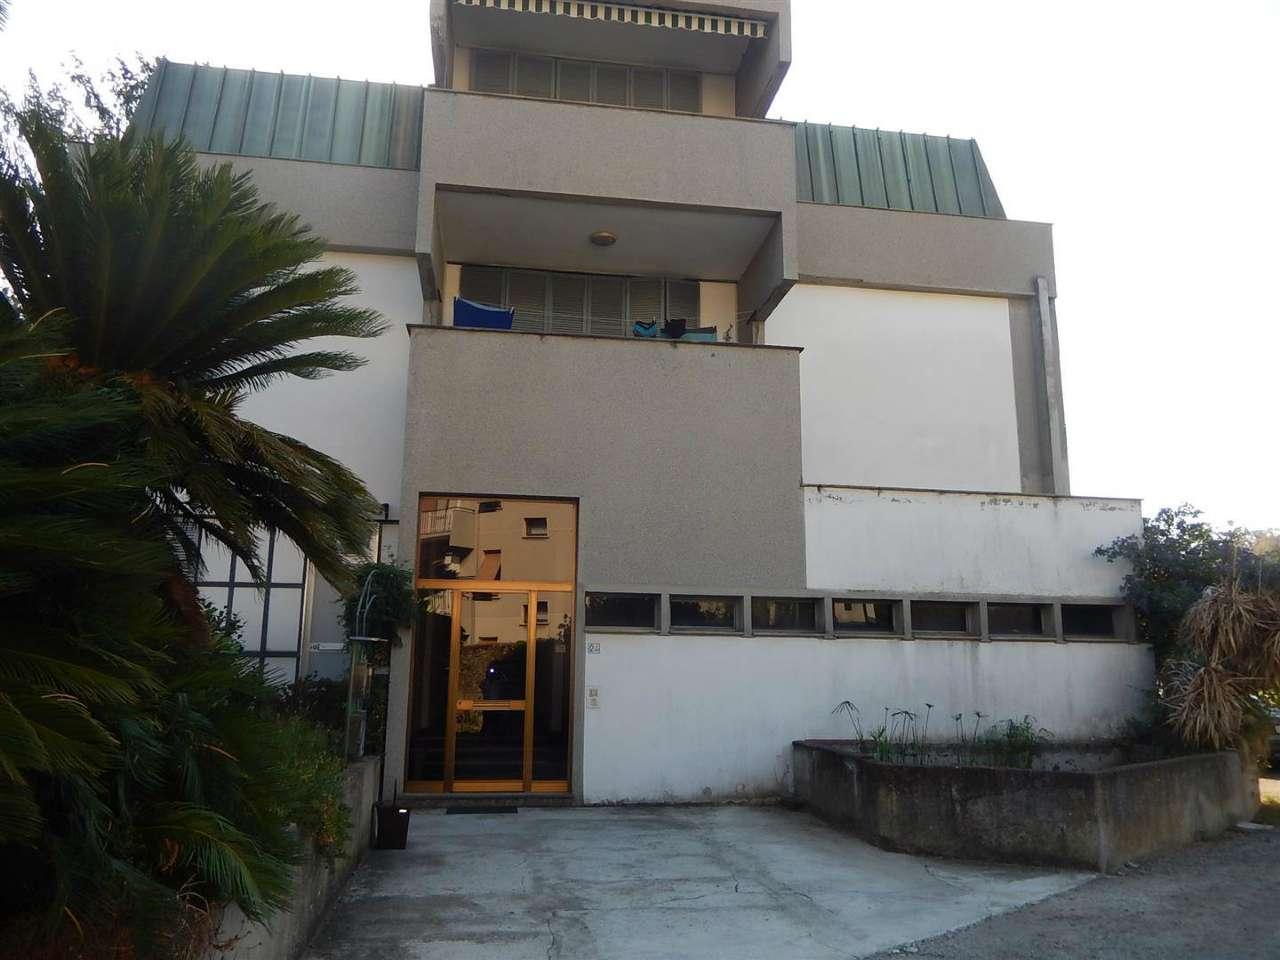 Appartamento in vendita a Sestri Levante, 6 locali, prezzo € 325.000 | CambioCasa.it